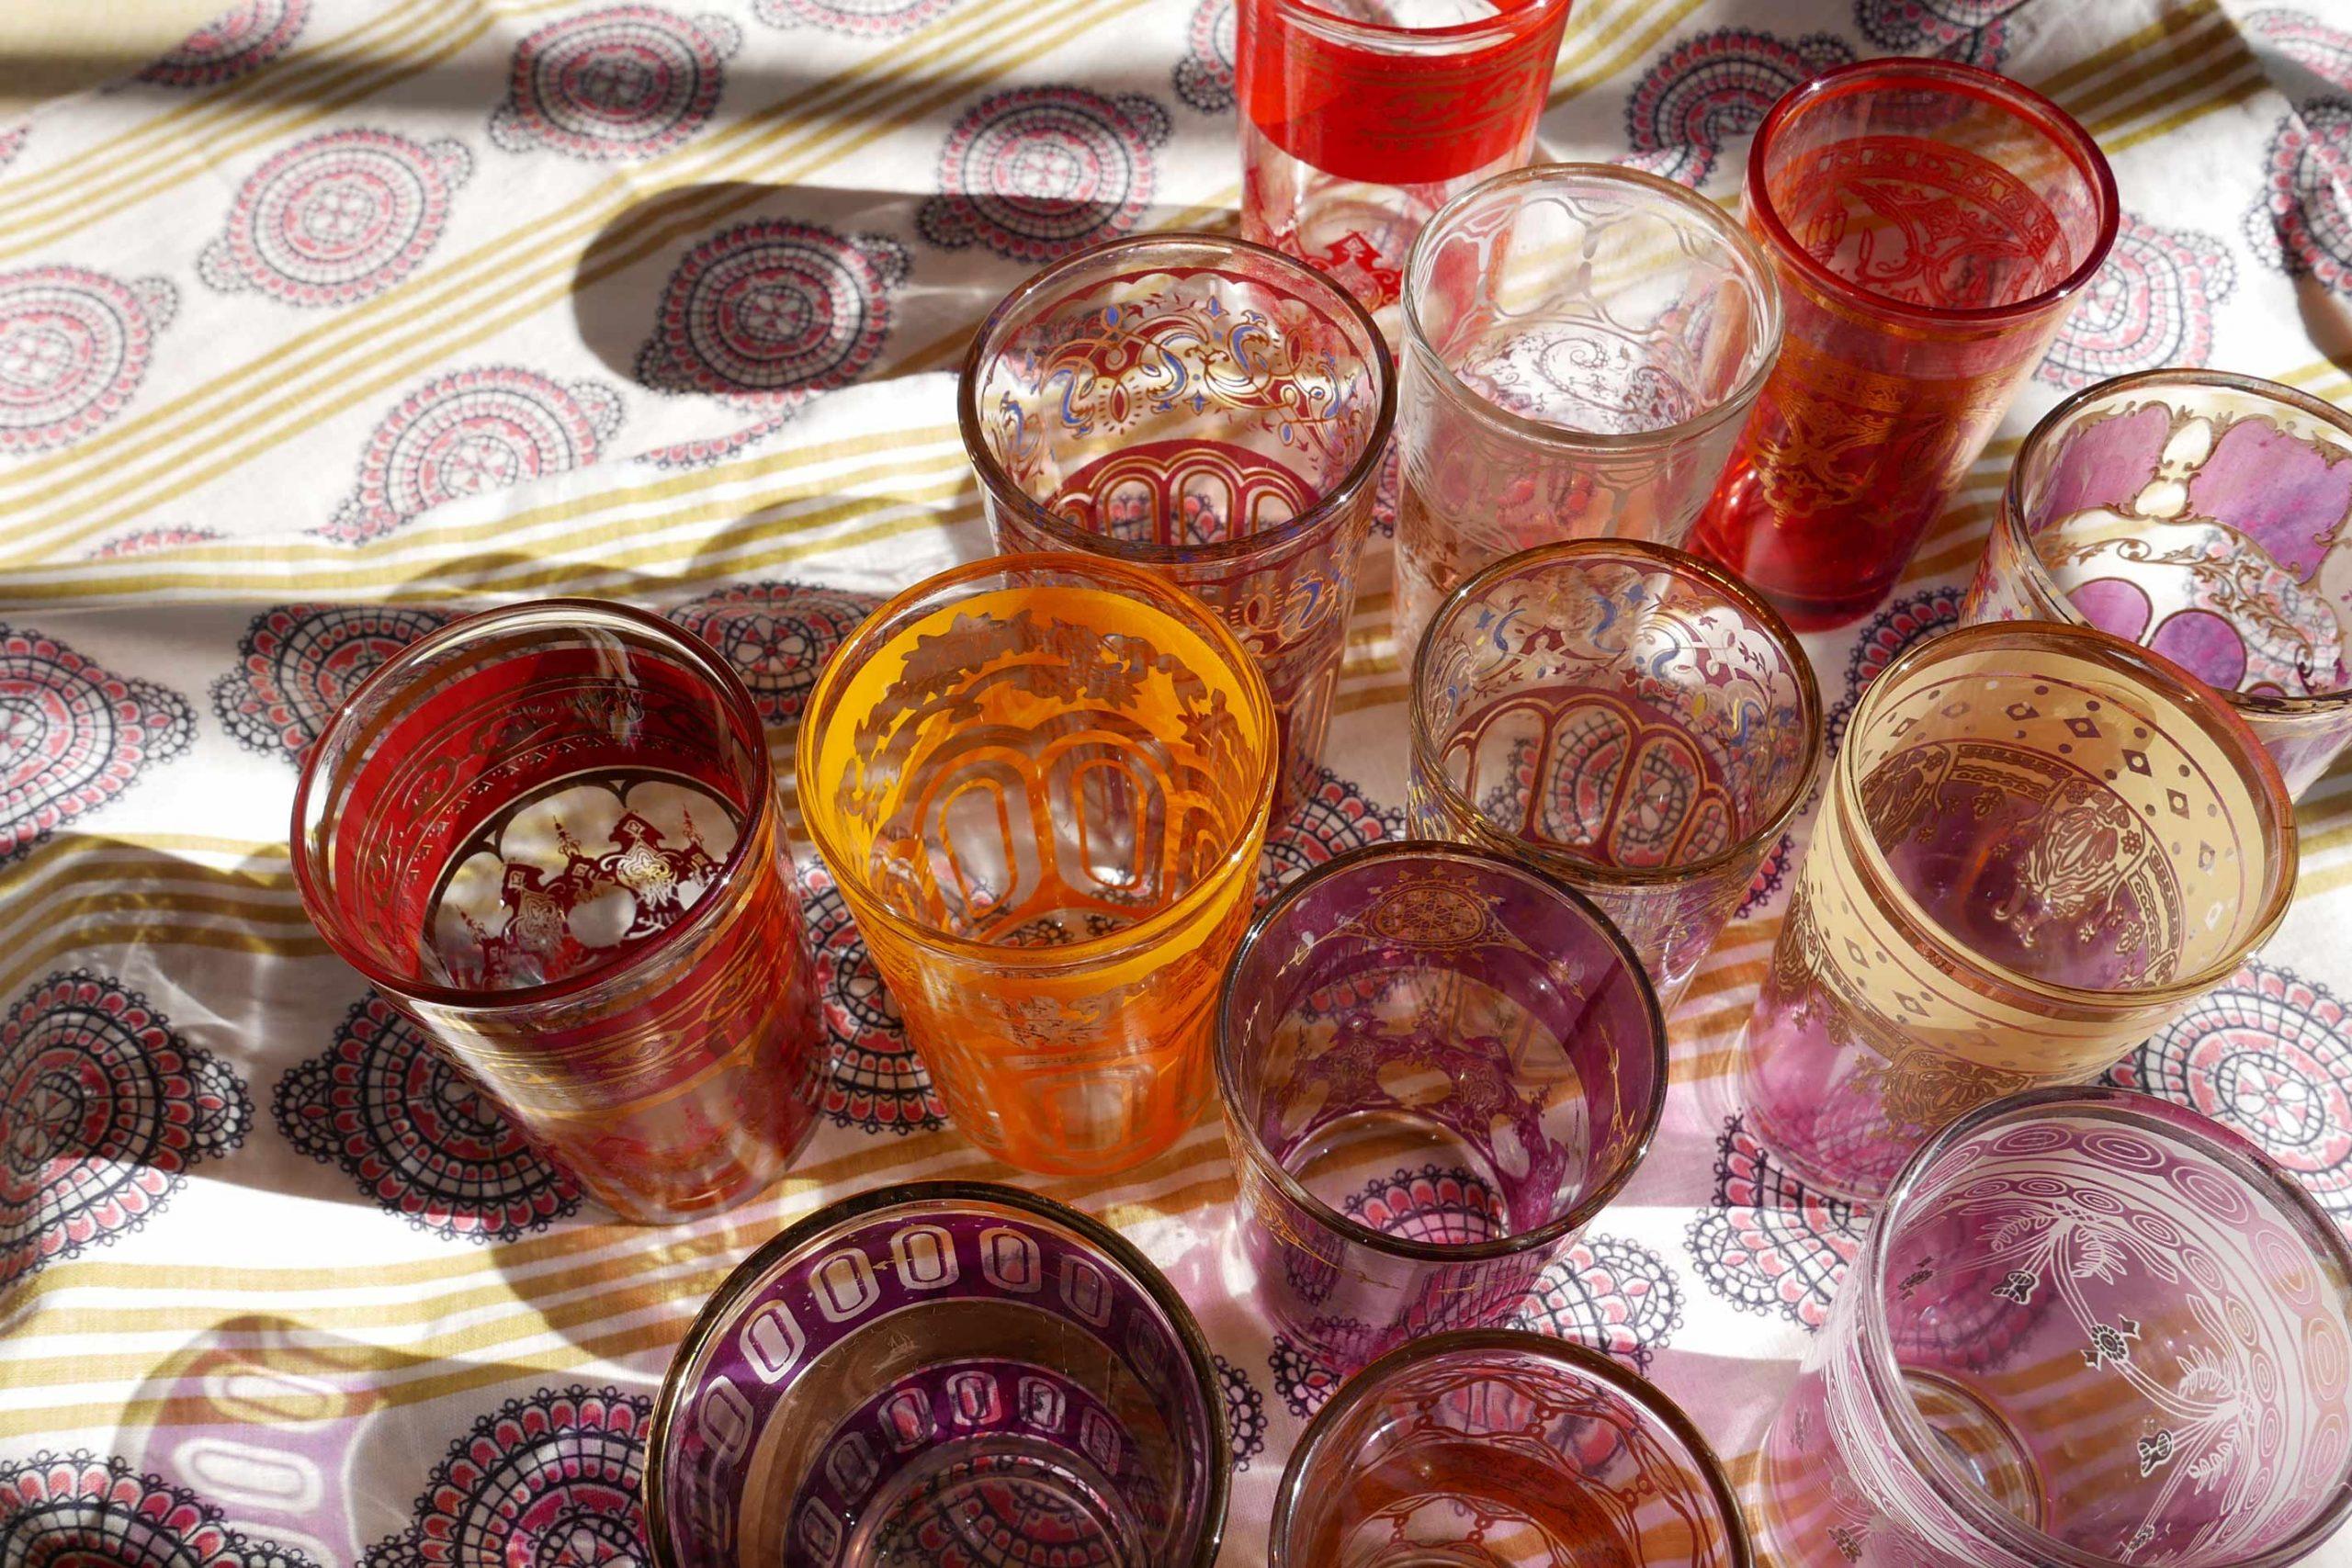 orientalische Teegläser Muster im Licht und Schatten